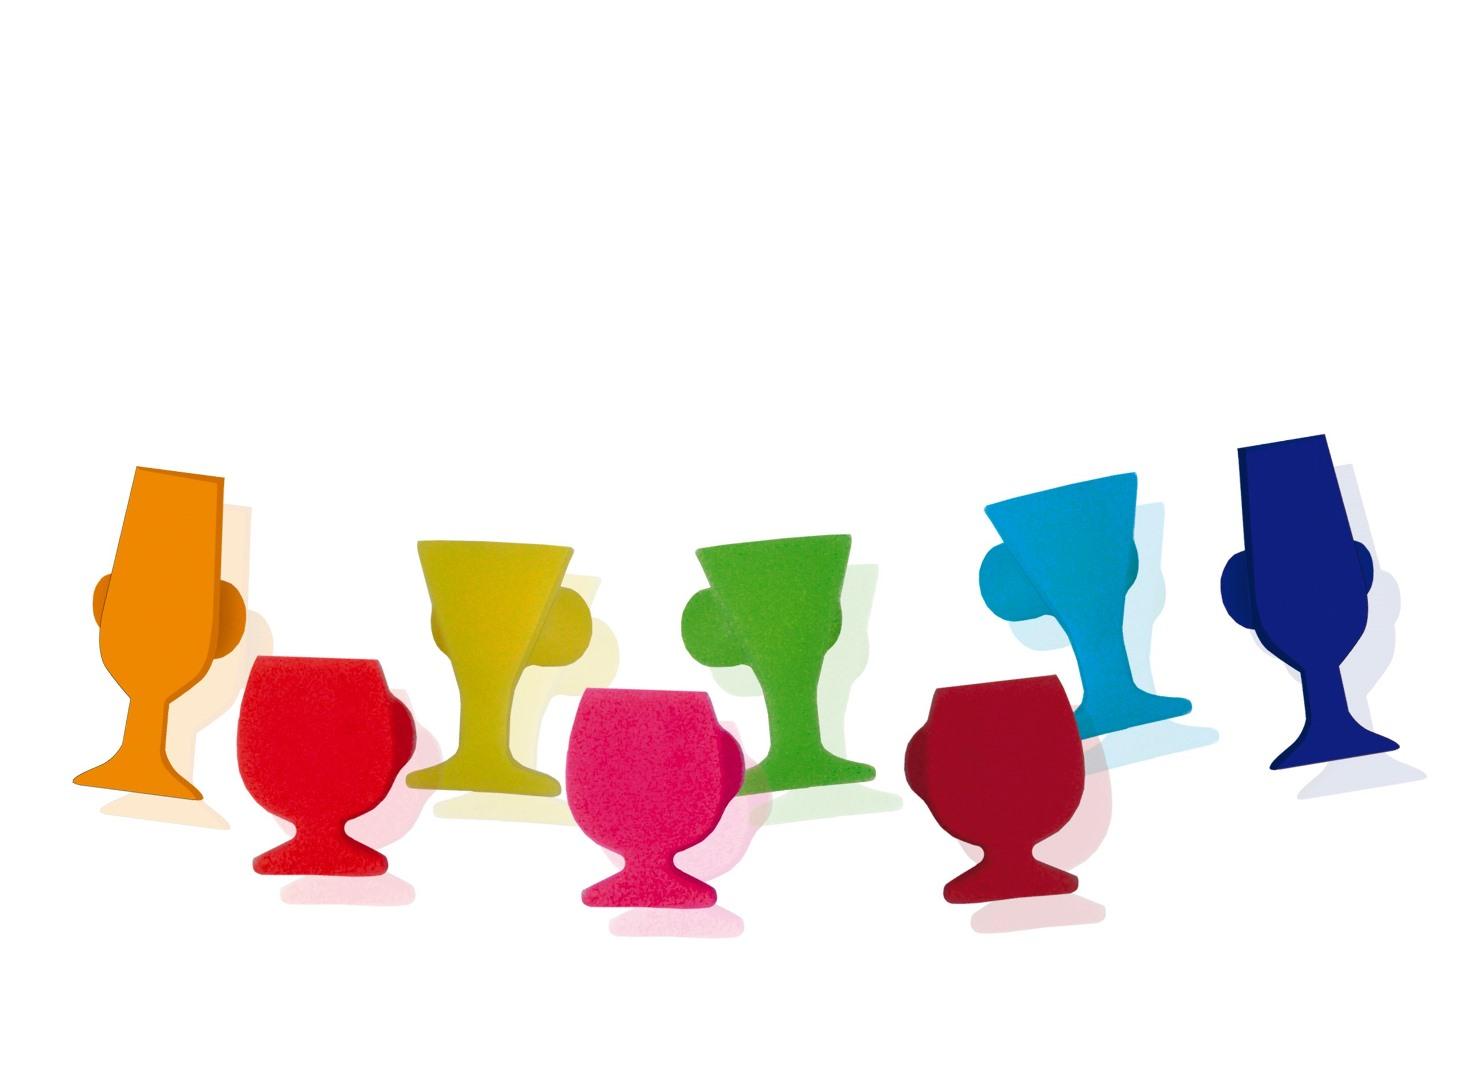 Онлайн каталог PROMENU: Набор разноцветных маркеров на бокалы в виде бокалов VinBouquet TO SERVE, 8 штук                                   FIA 029